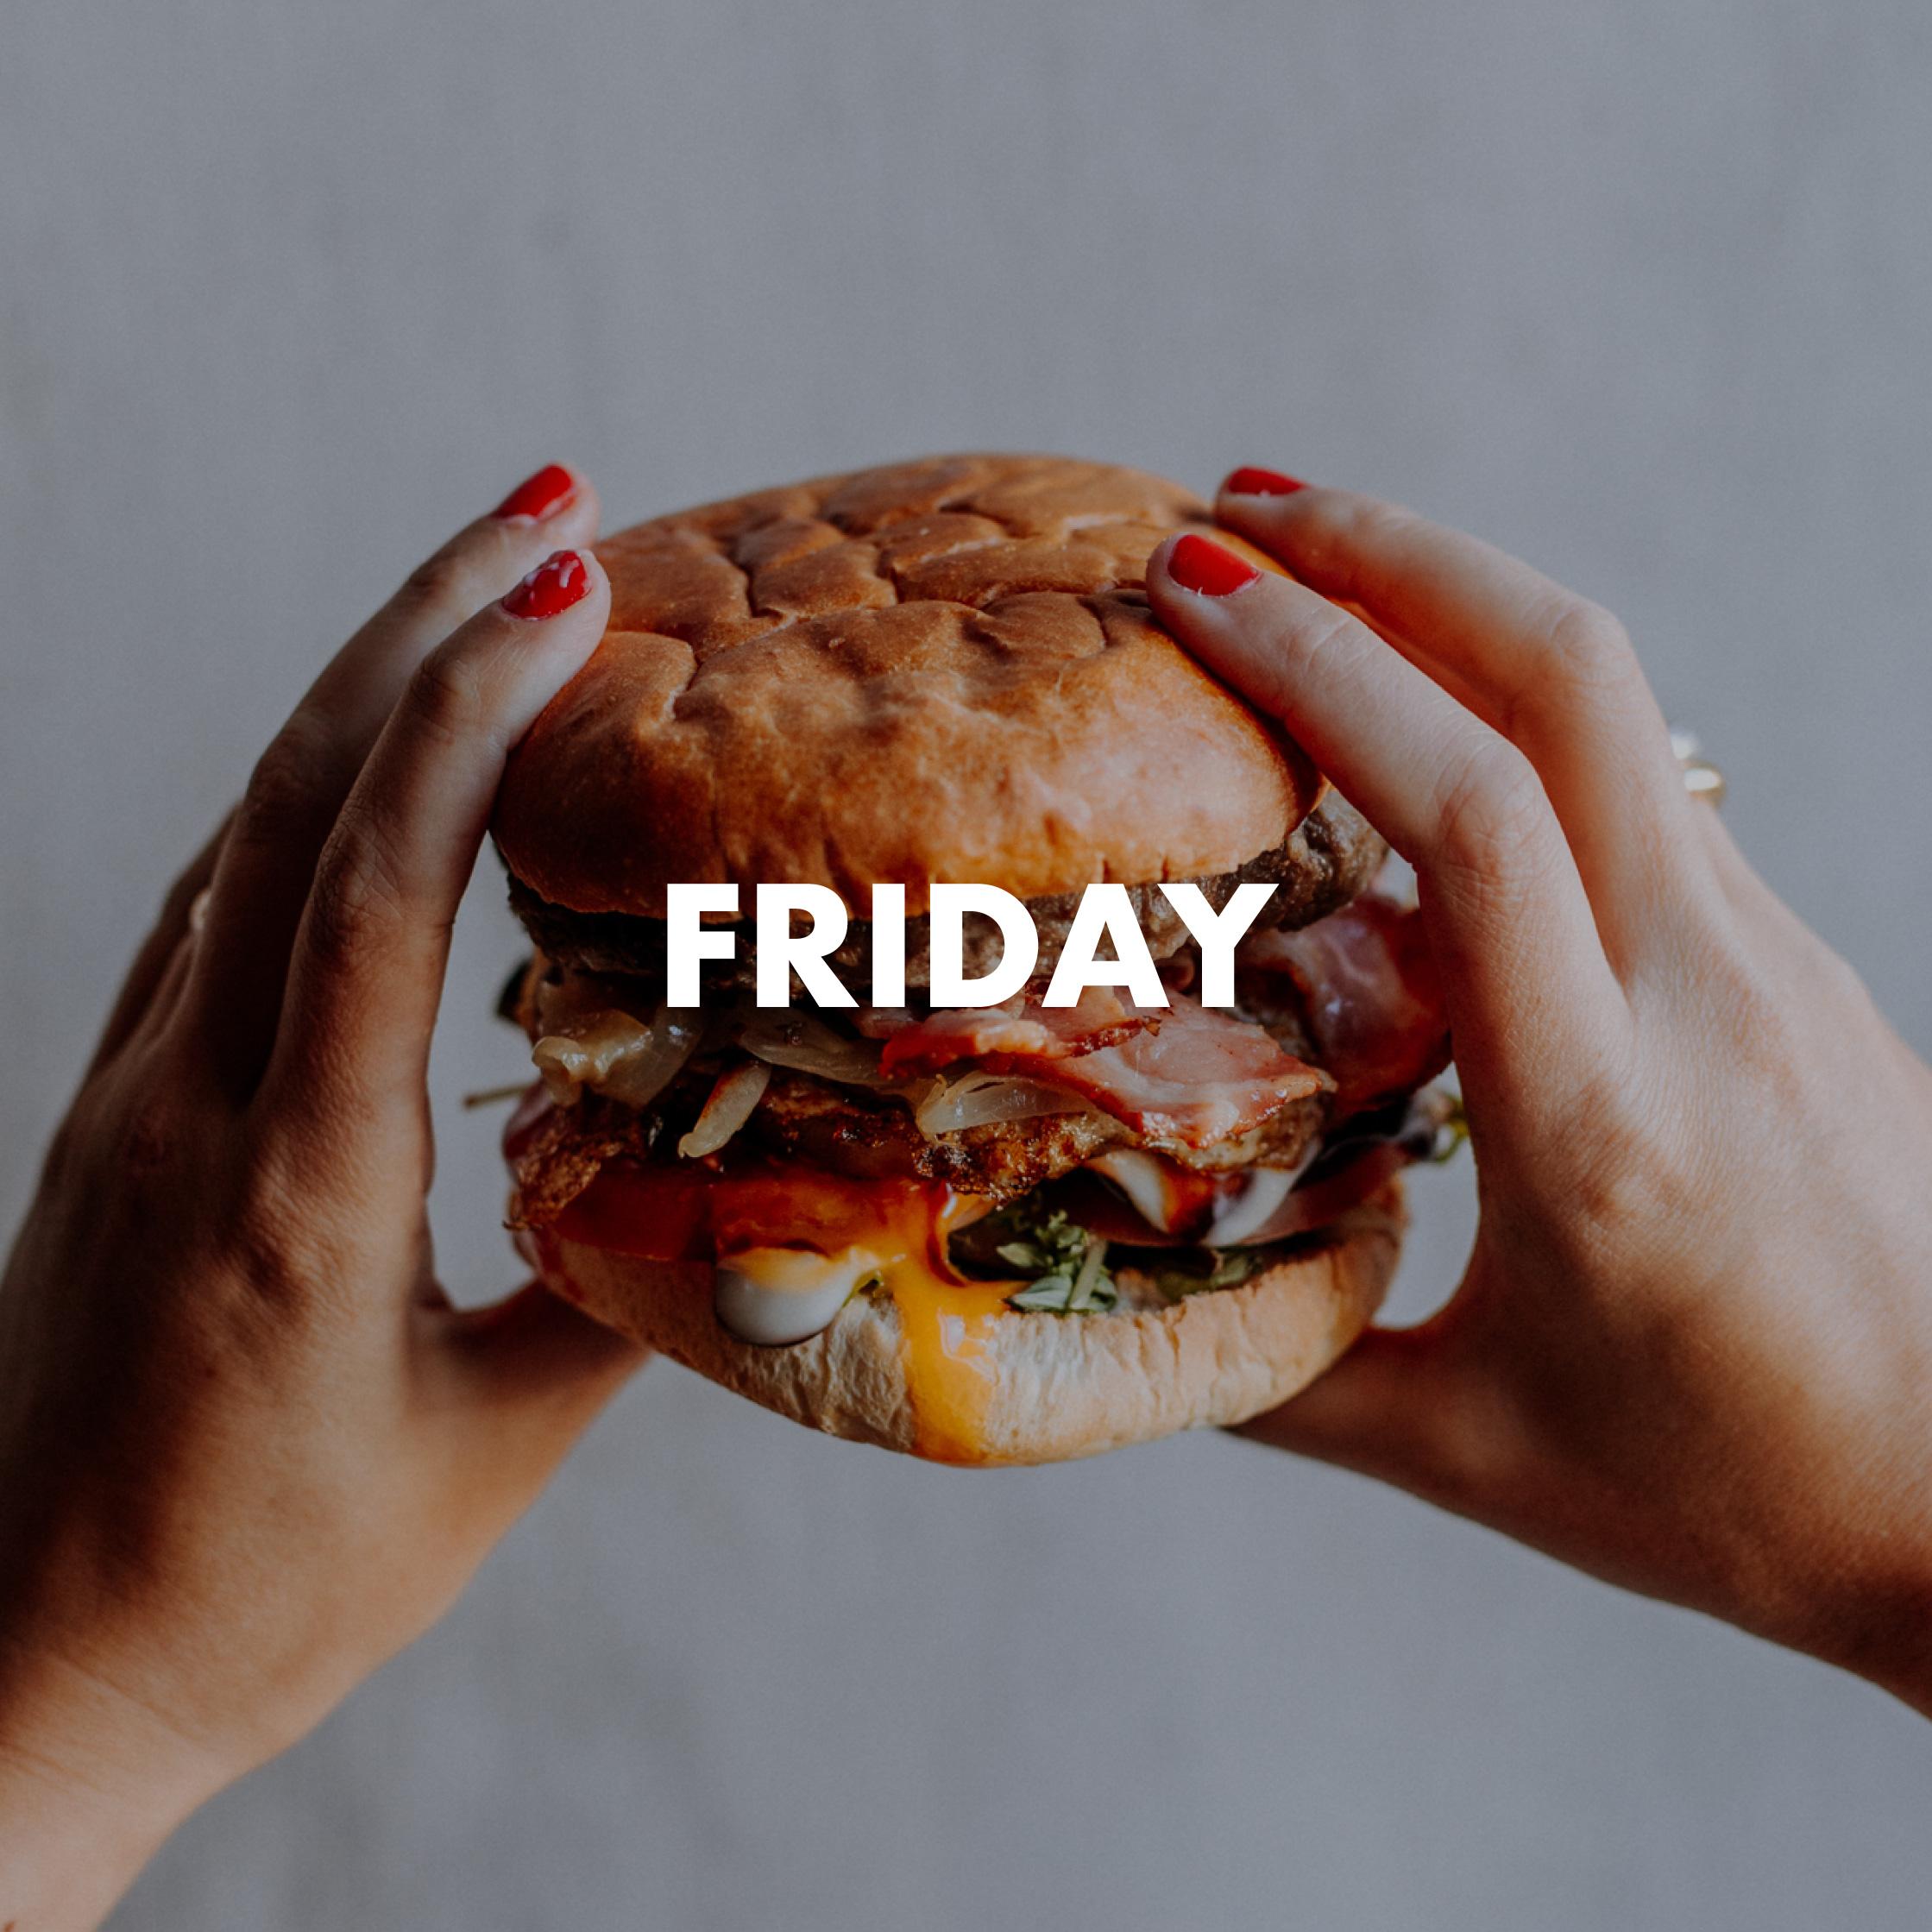 Friday_Food-Special.jpg